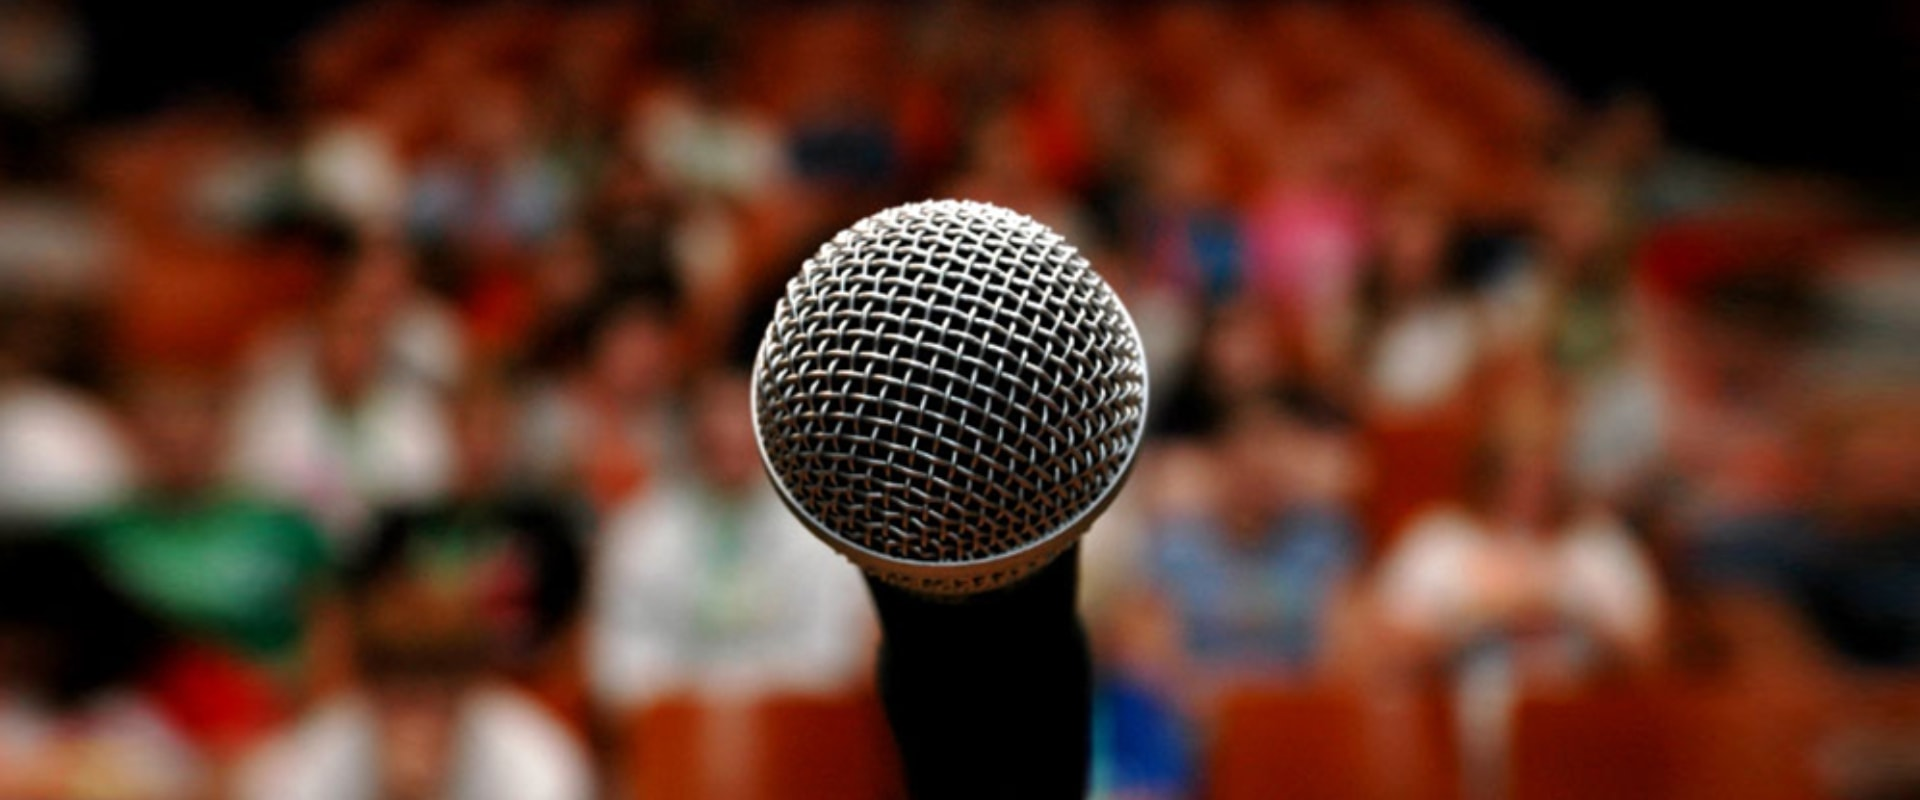 Academy Kurumsal Eğitimler | Topluluk Önünde Konuşma Eğitimi, Hitabet, Public Speaking